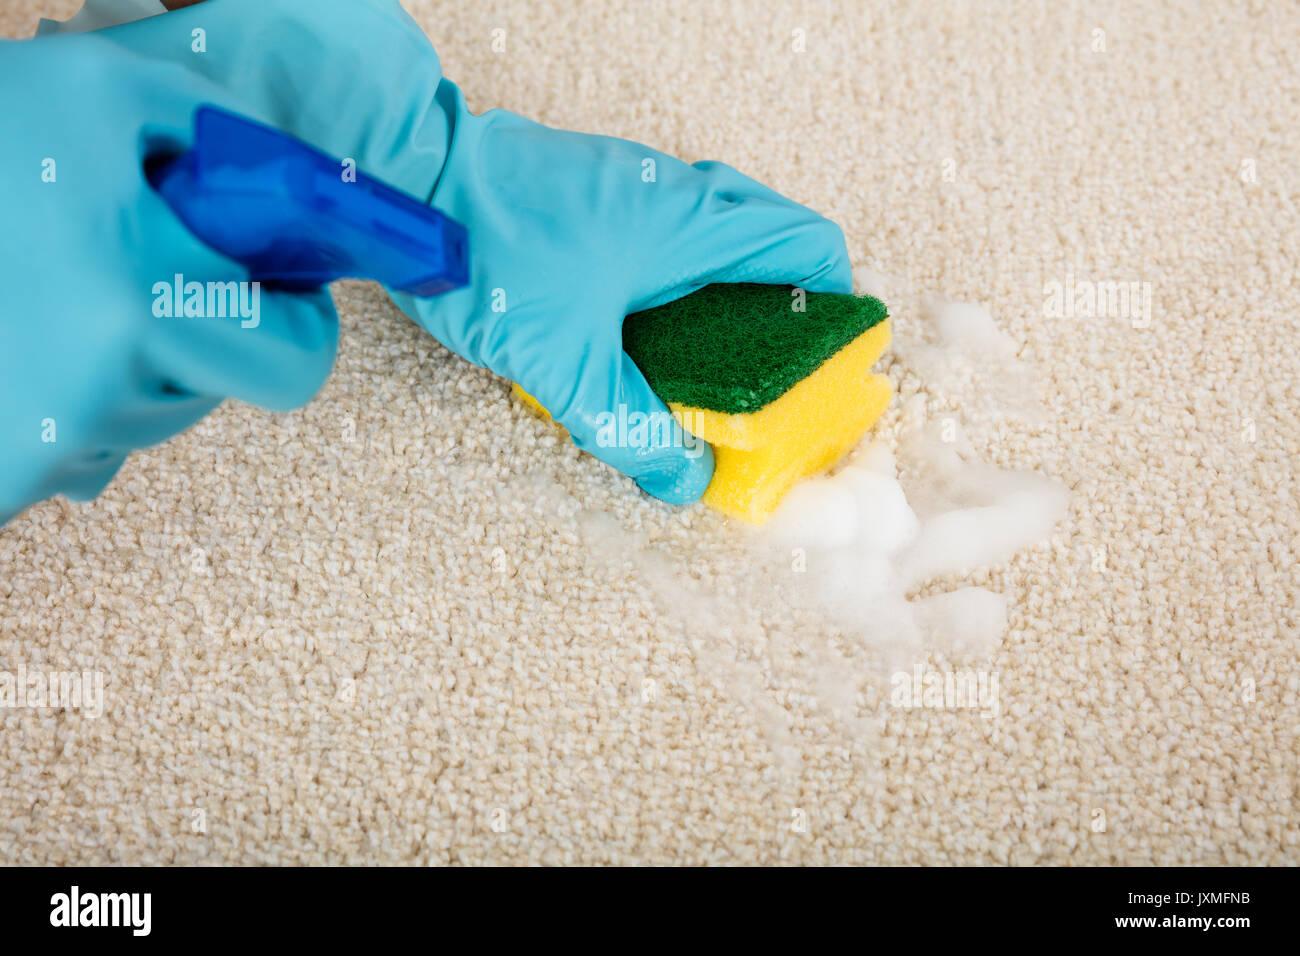 Как почистить ковер в домашних условиях содой и уксусом: отзывы, рецепты 41